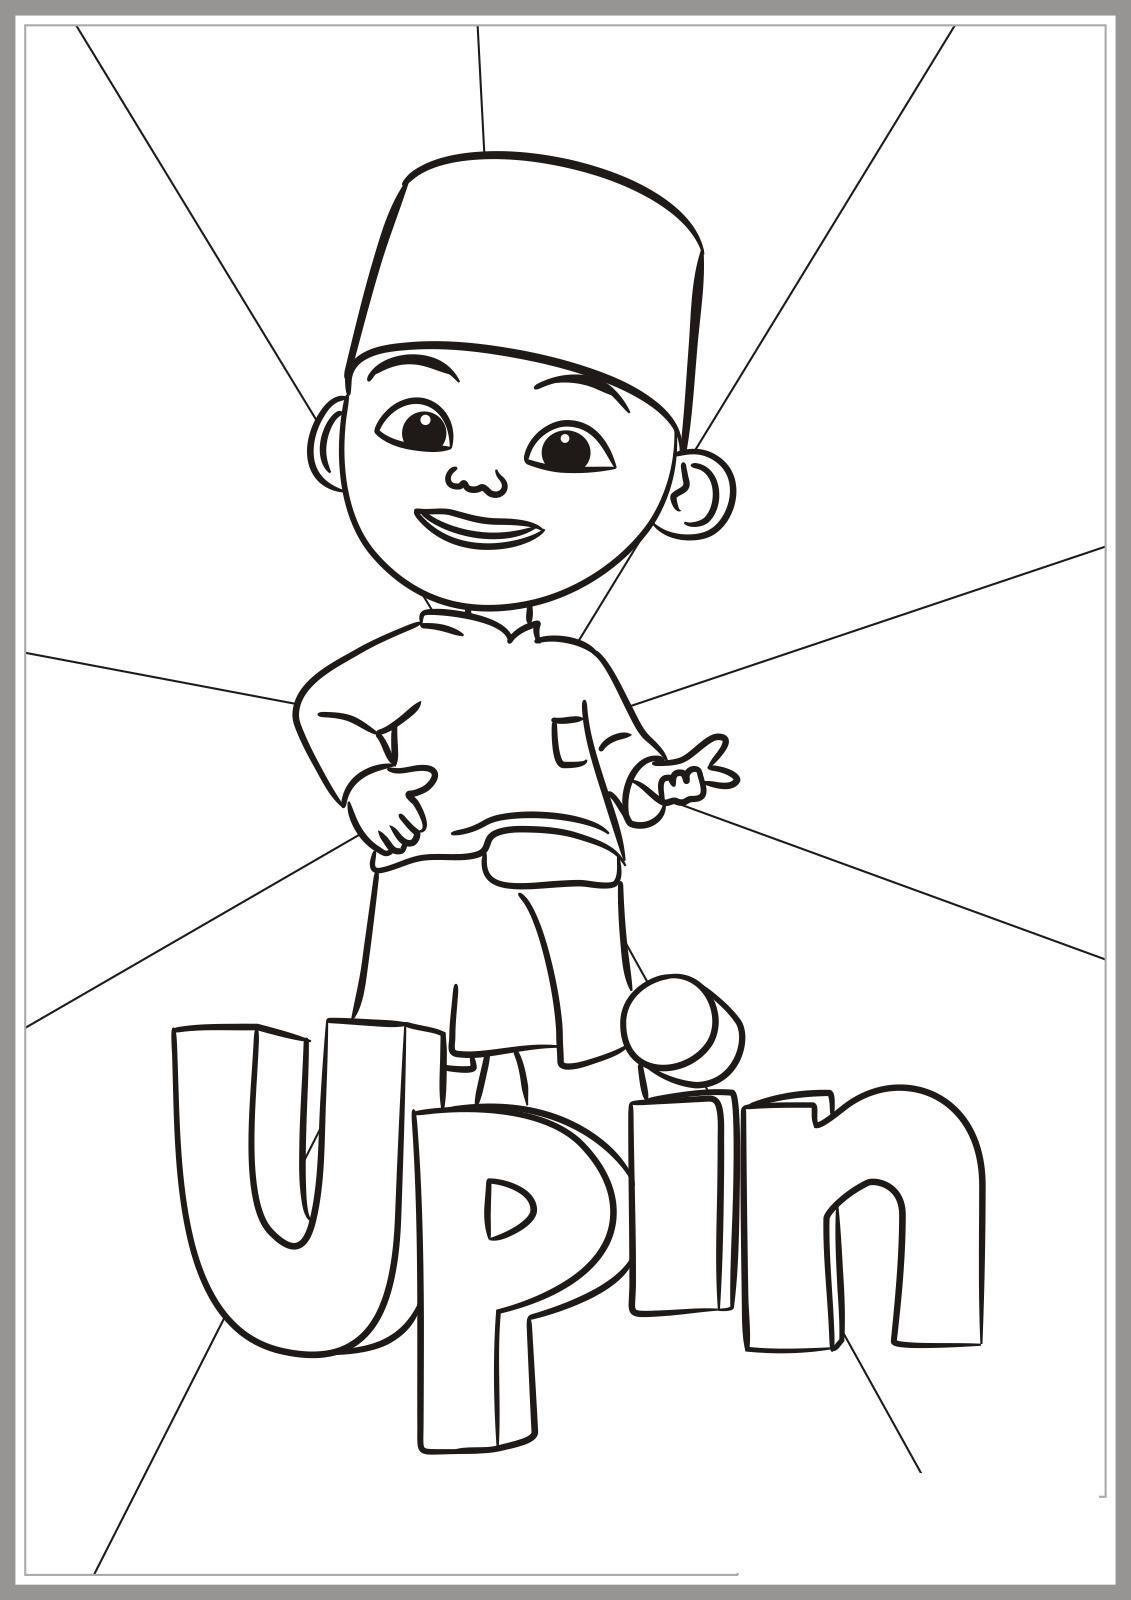 Coloring Sheet Page Upin Ipin 1